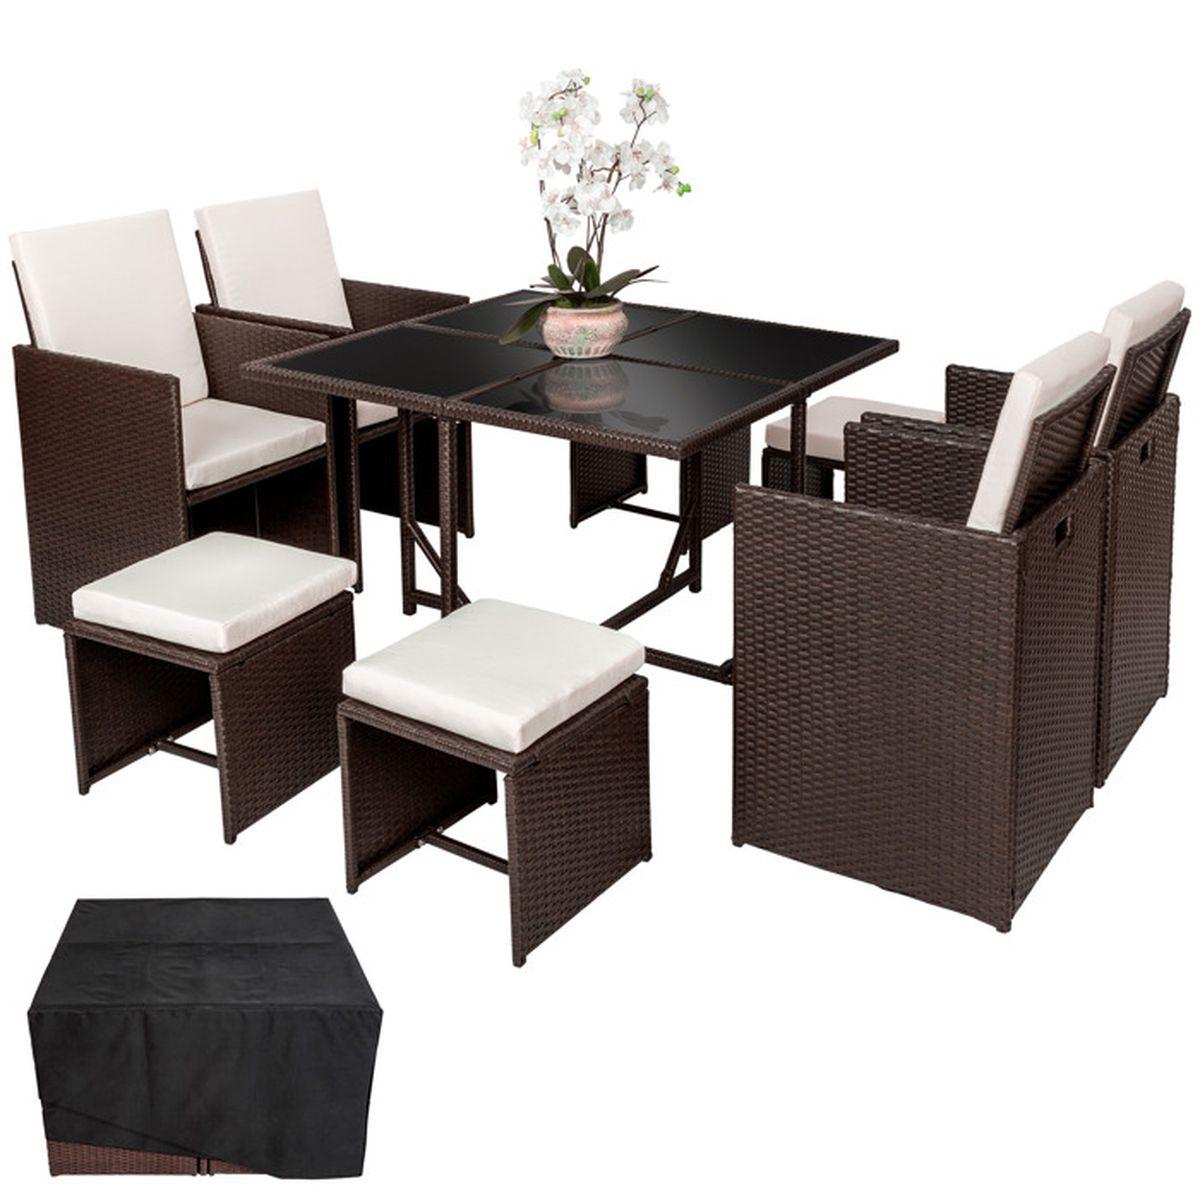 Salon de jardin ensemble avec 4 chaises 4 tables et 1 table en r sine tress e acier marron - Salon de jardin table et chaises mulhouse ...